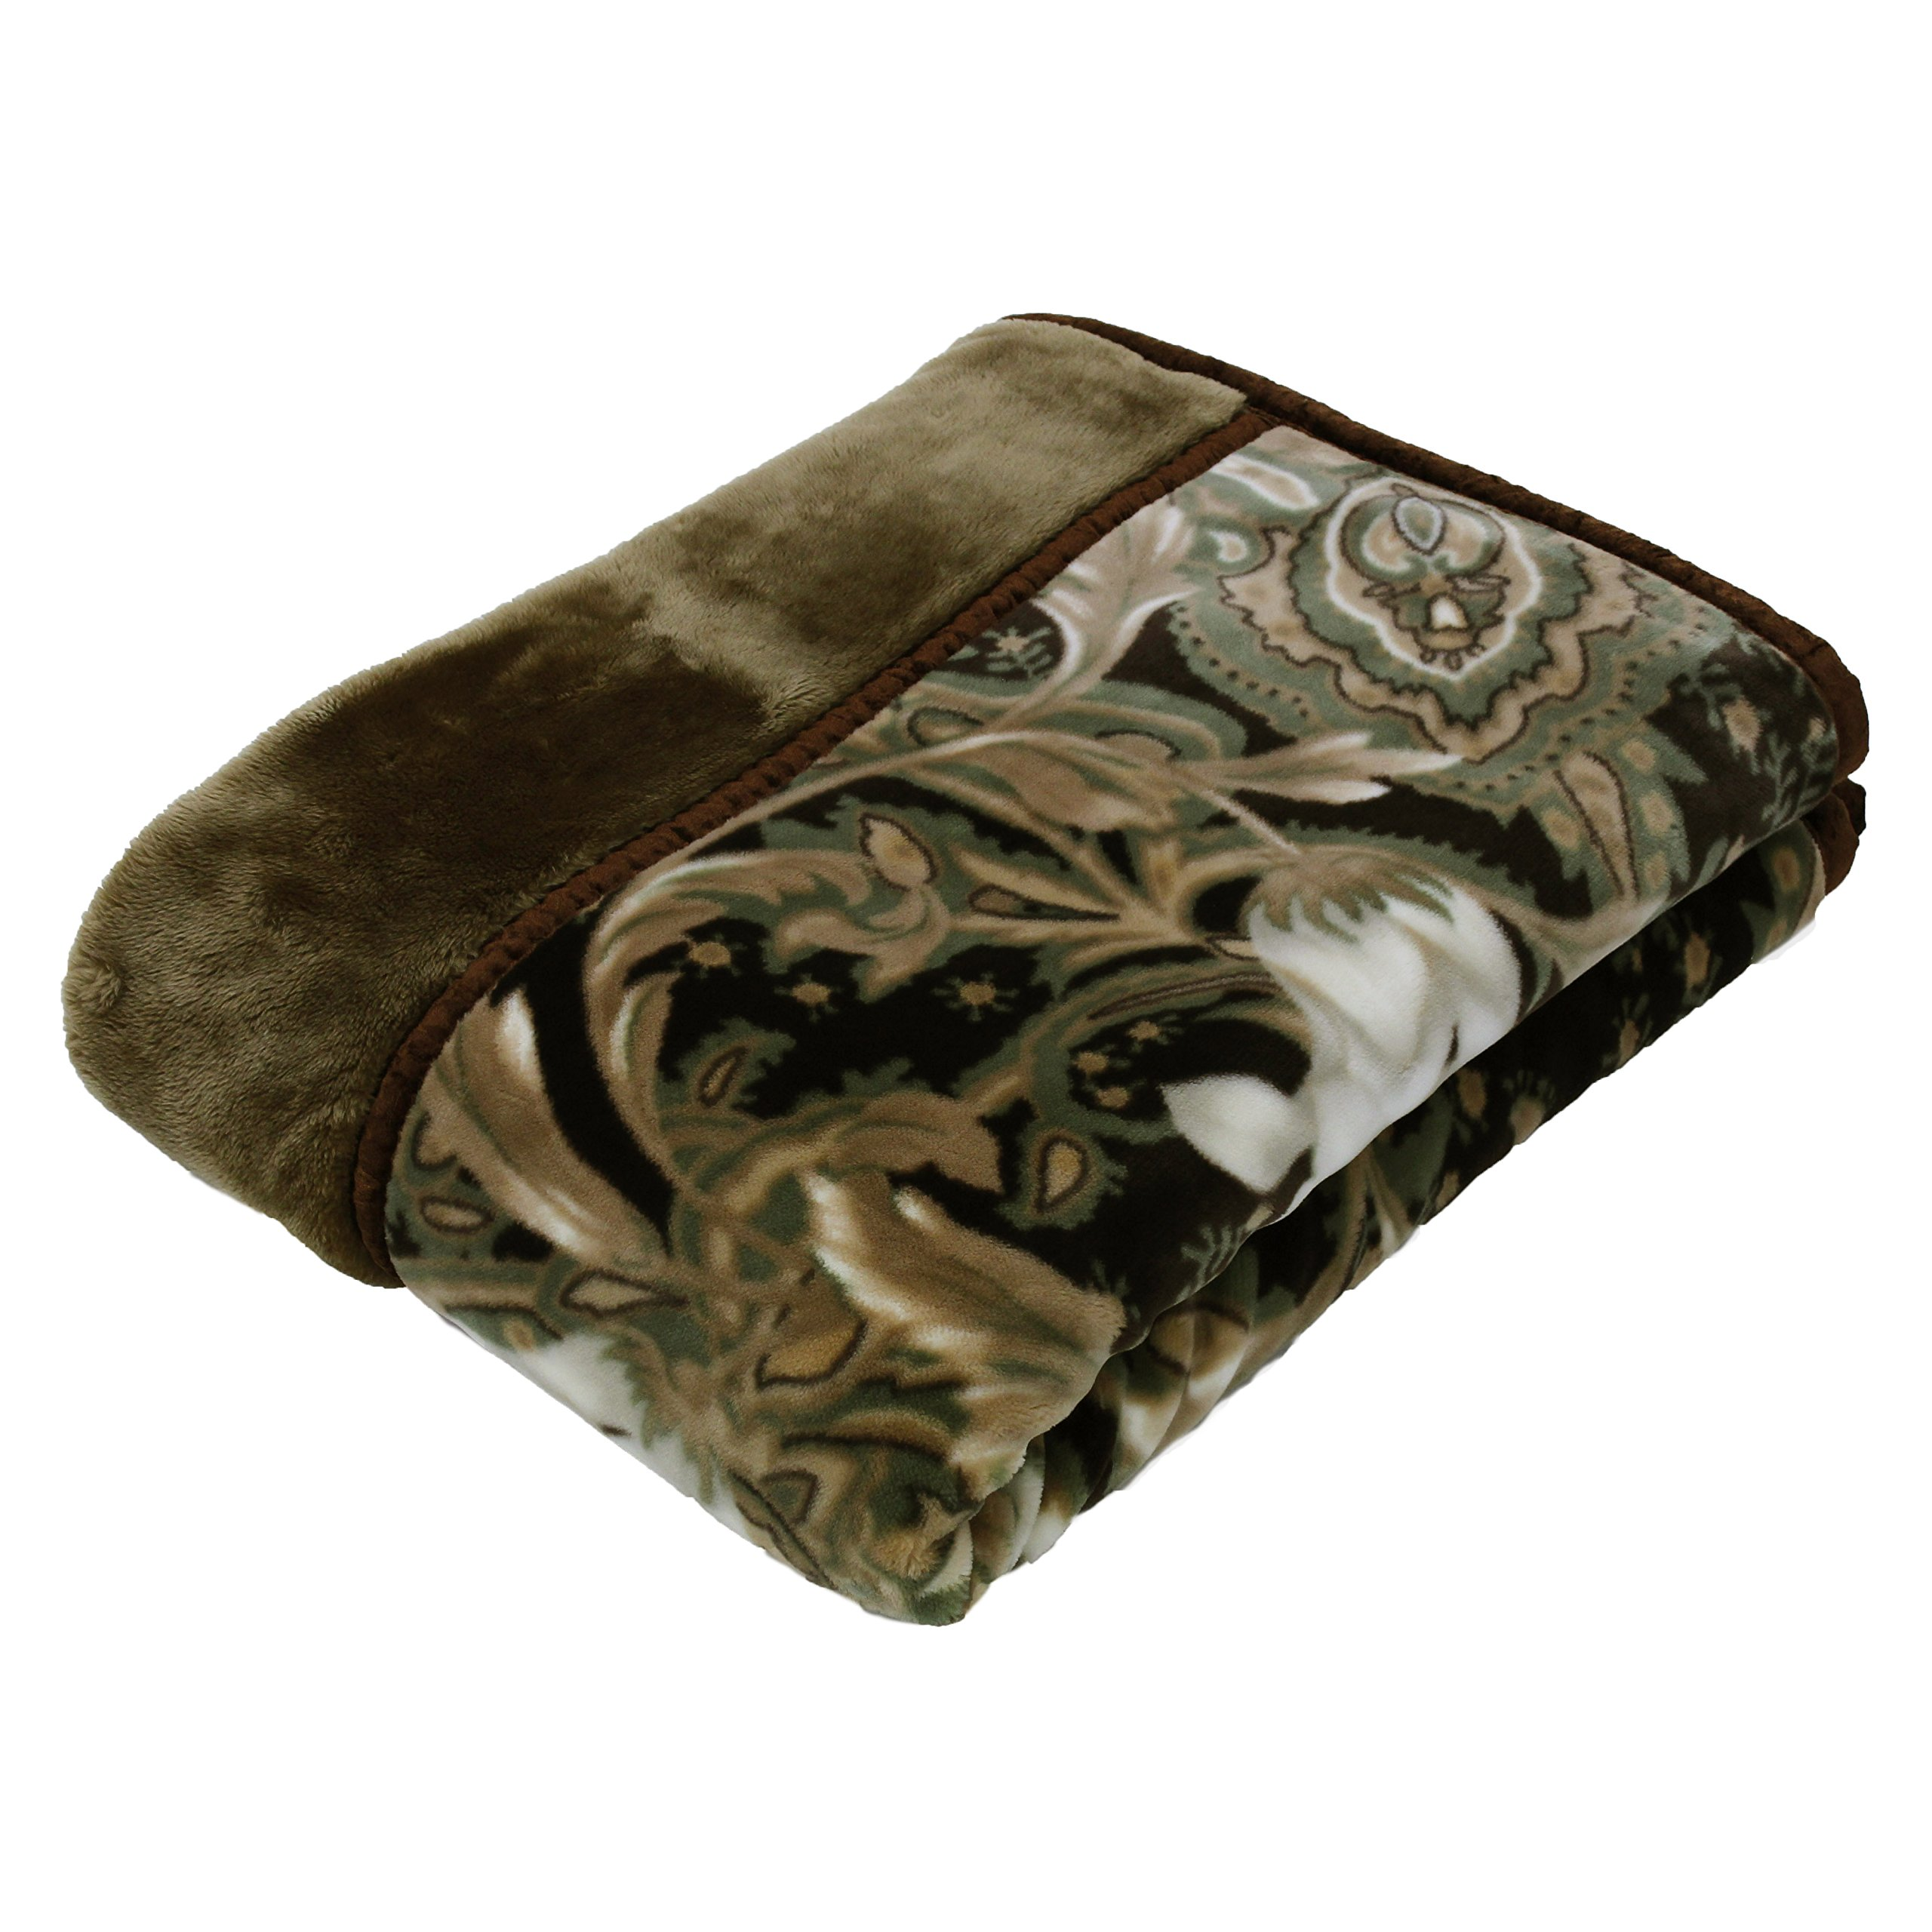 京都西川 毛布 洗える 日本製 衿付き合わせ毛布 ファータッチ 毛皮調 アクリル毛布 肌さわりなめらかな新合繊使用 ダブル 180×210 ベージュ 2K2403D